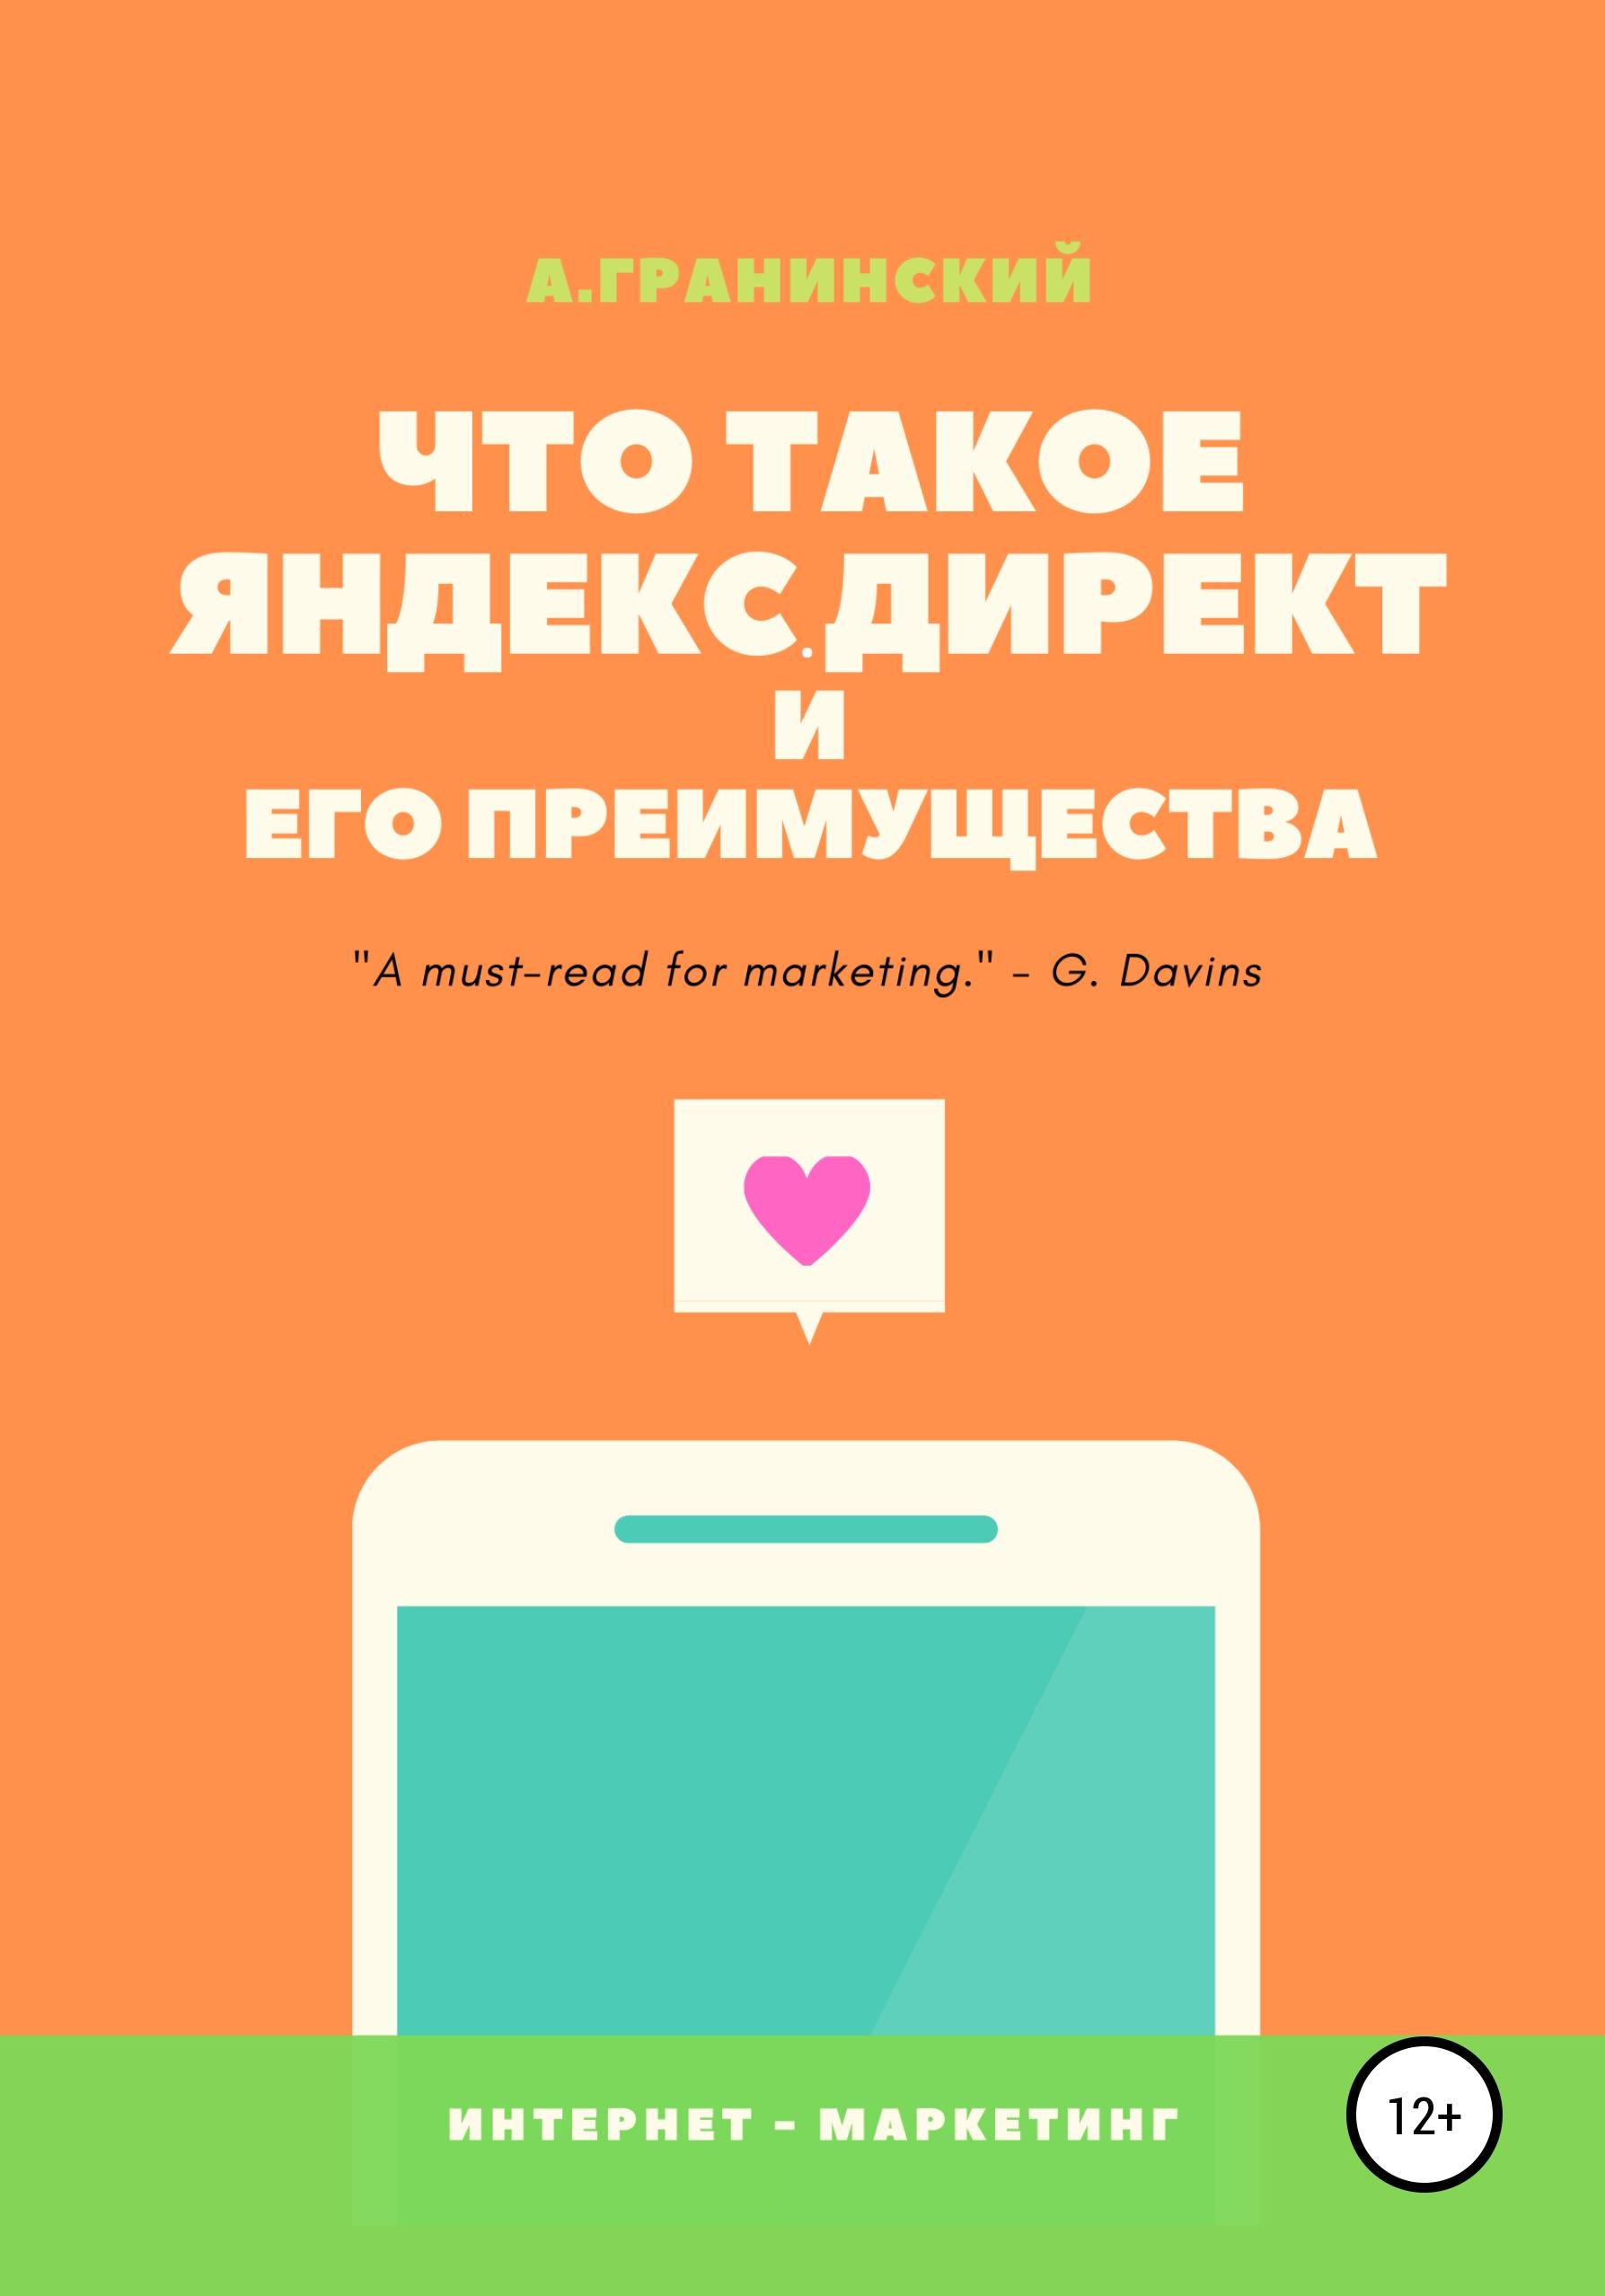 Купить книгу Что такое Яндекс.Директ и его преимущества, автора Аркадия Владимировича Гранинского